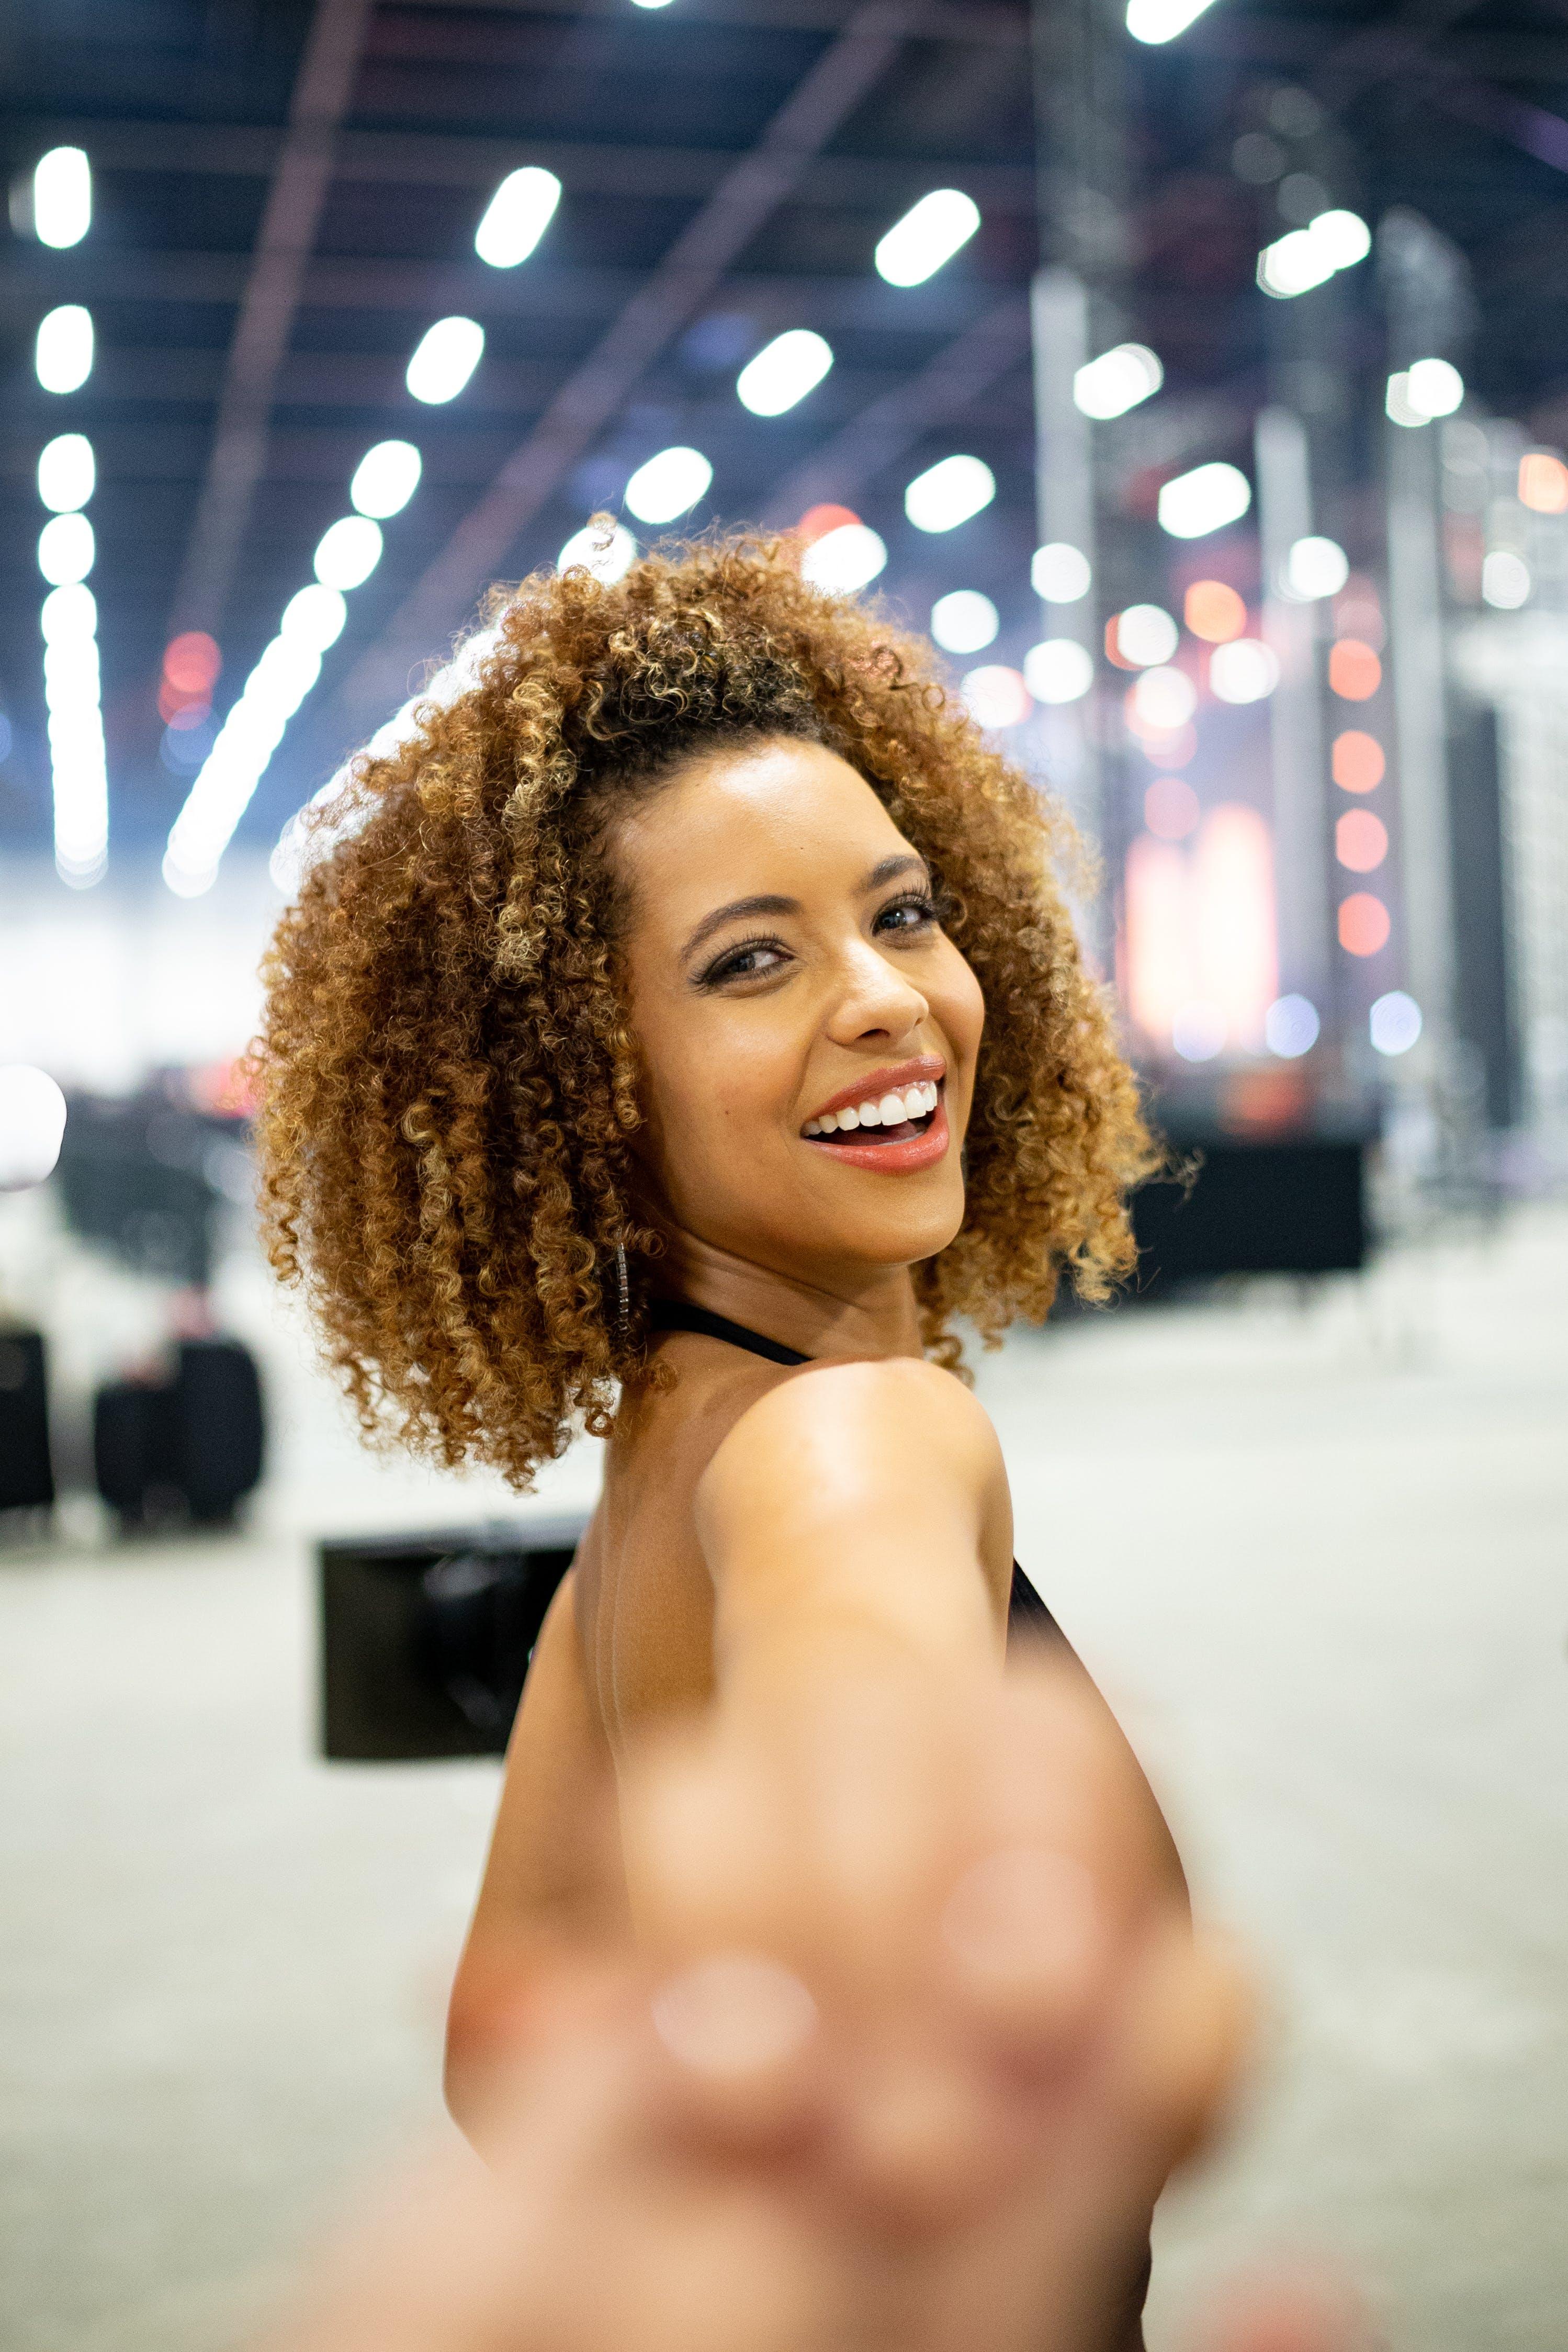 Gratis lagerfoto af afroamerikansk kvinde, kvinde, model, Pige